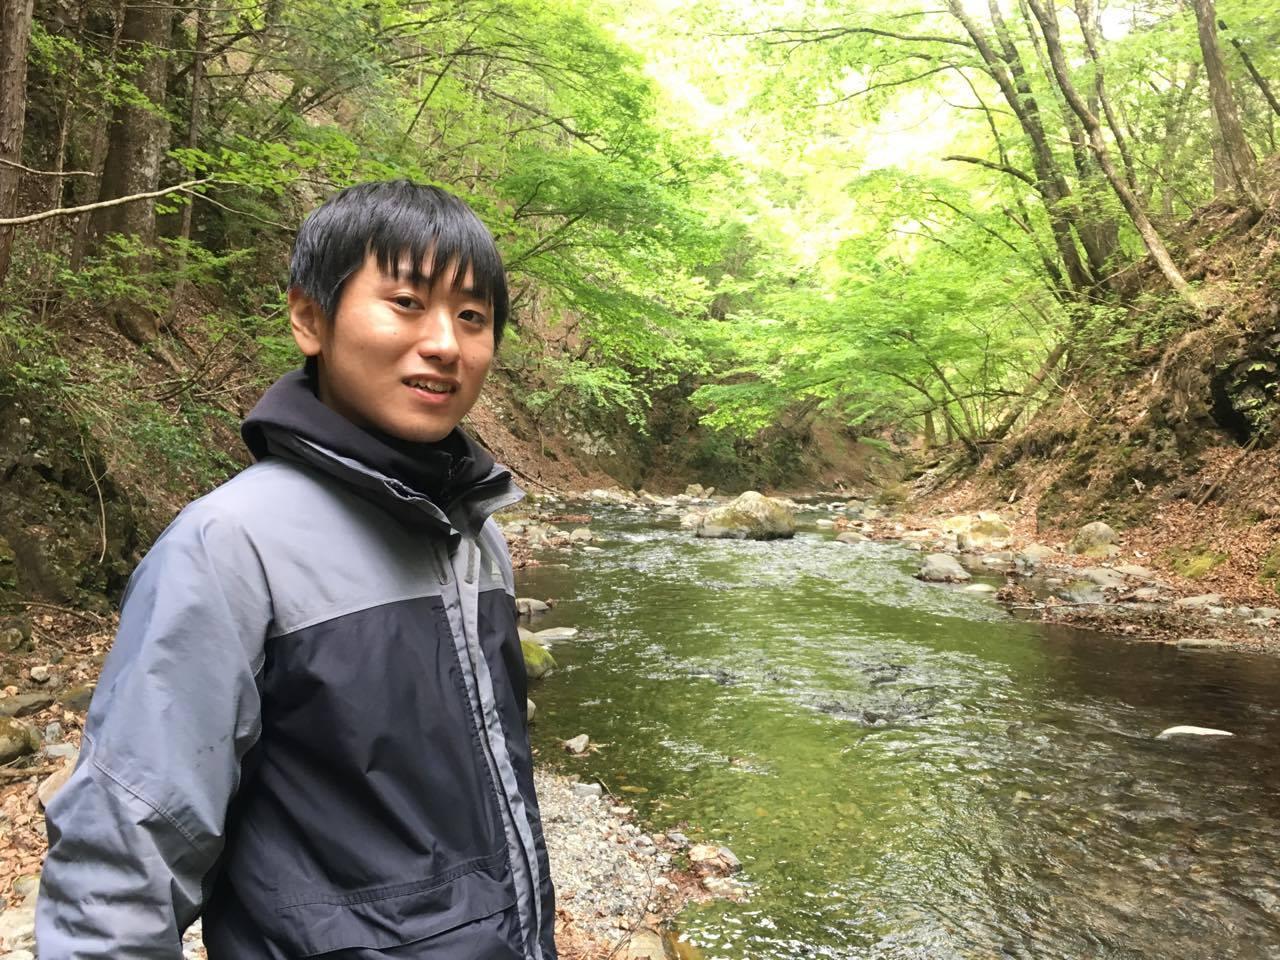 【新人スタッフ紹介】小林史門です!